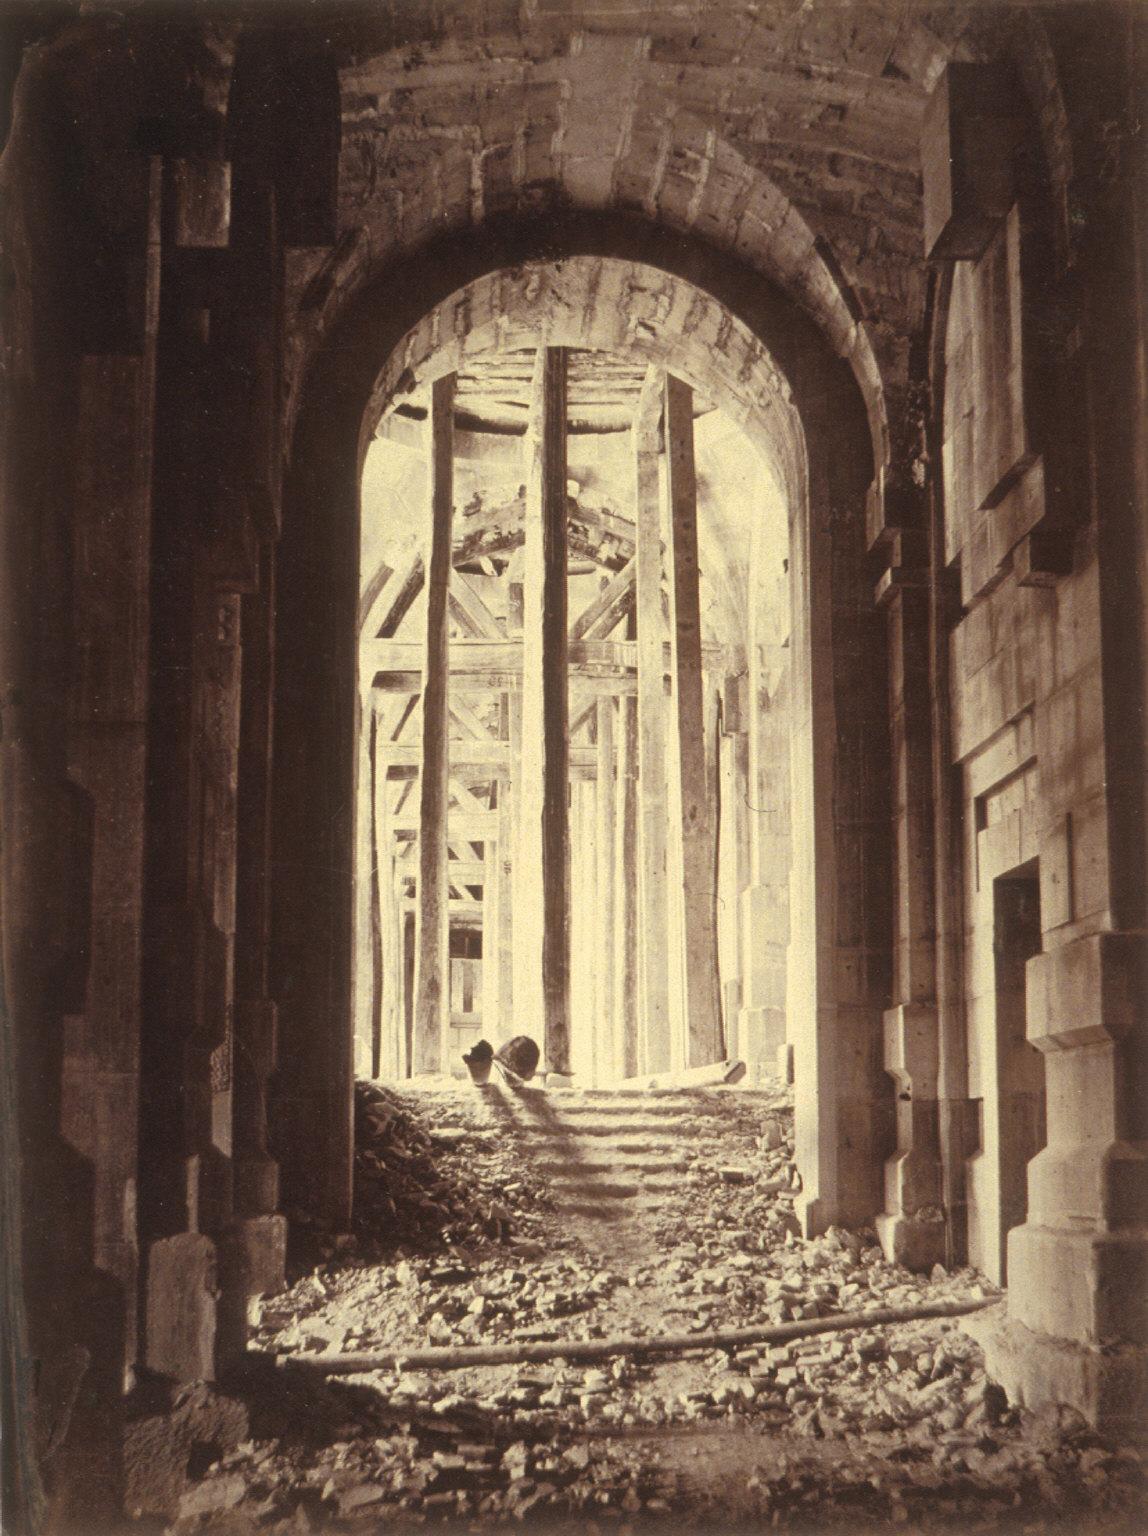 Interior construction, Paris Opera